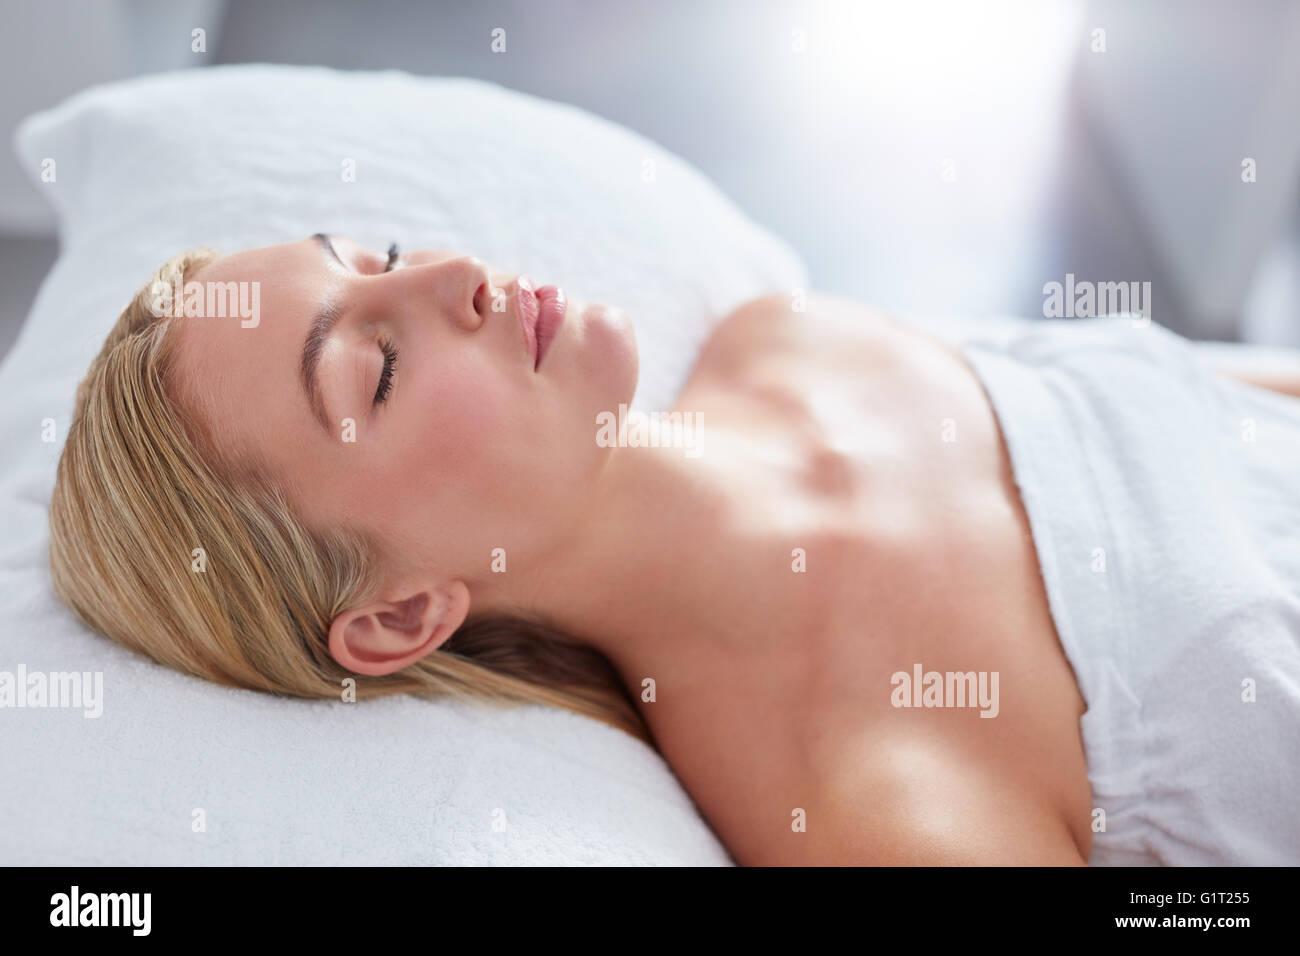 Nahaufnahme von attraktiven Frau, im Dayspa. Sie liegt auf Massagetisch. Schönheit und Gesundheit Konzept. Stockbild